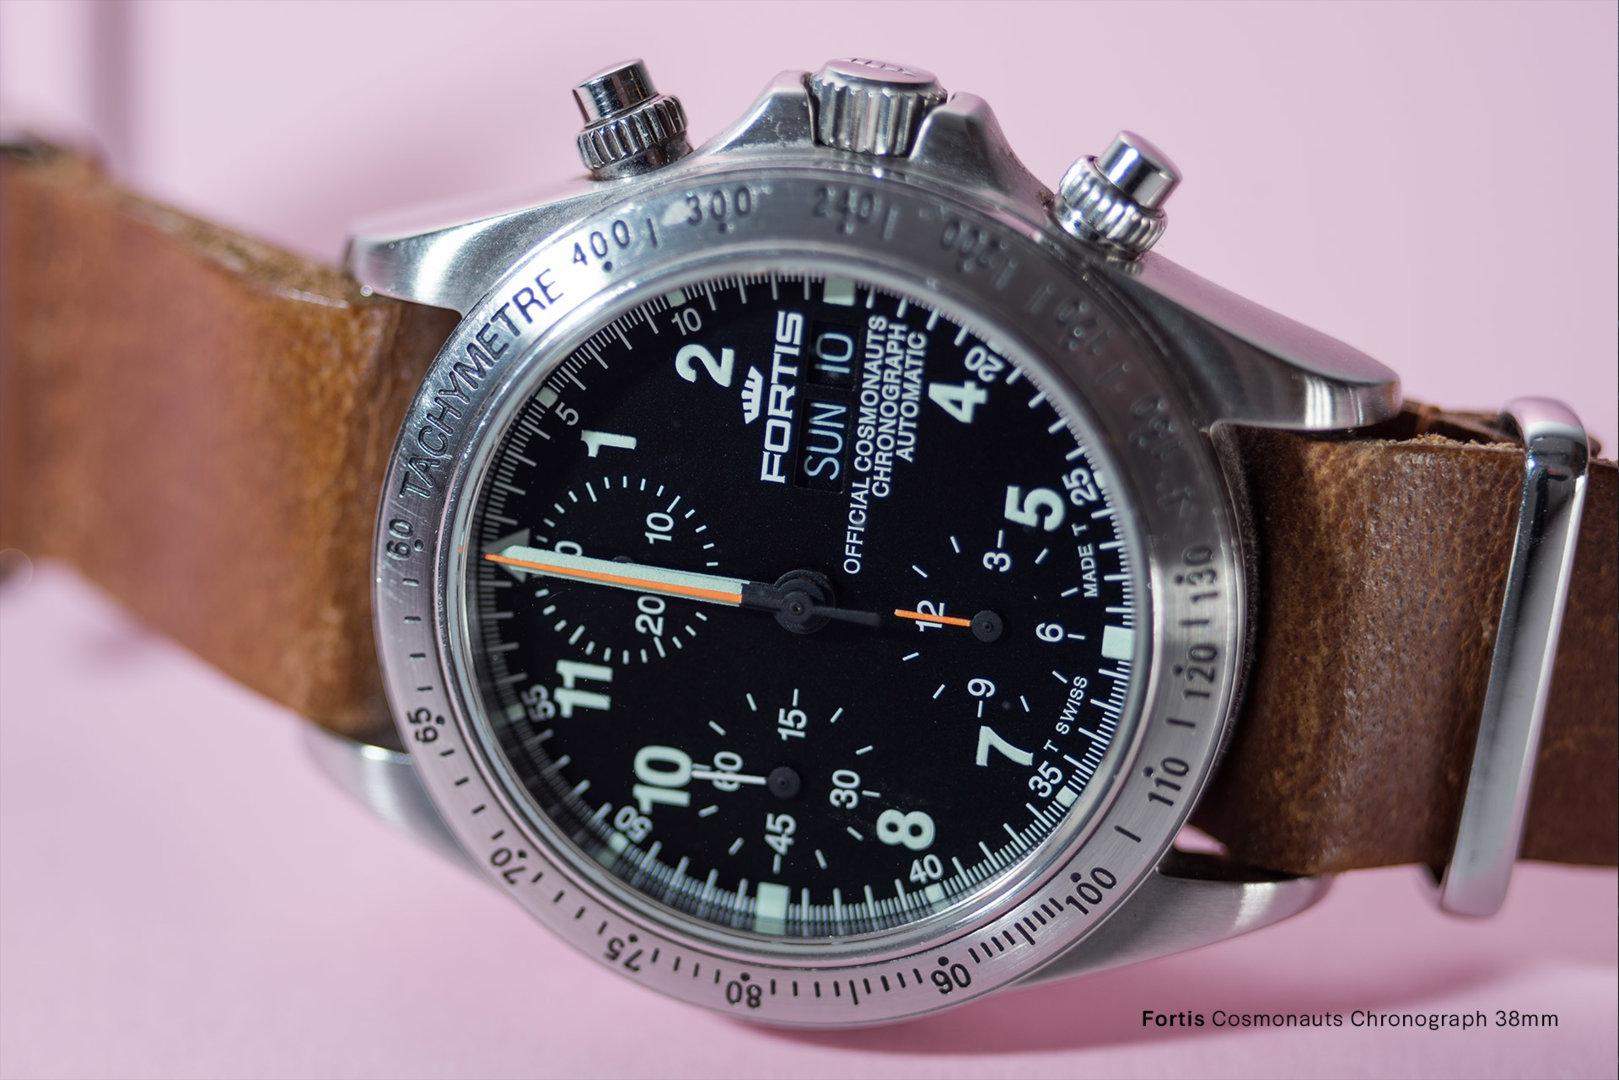 forstis_cosmonaut_1920x1281.